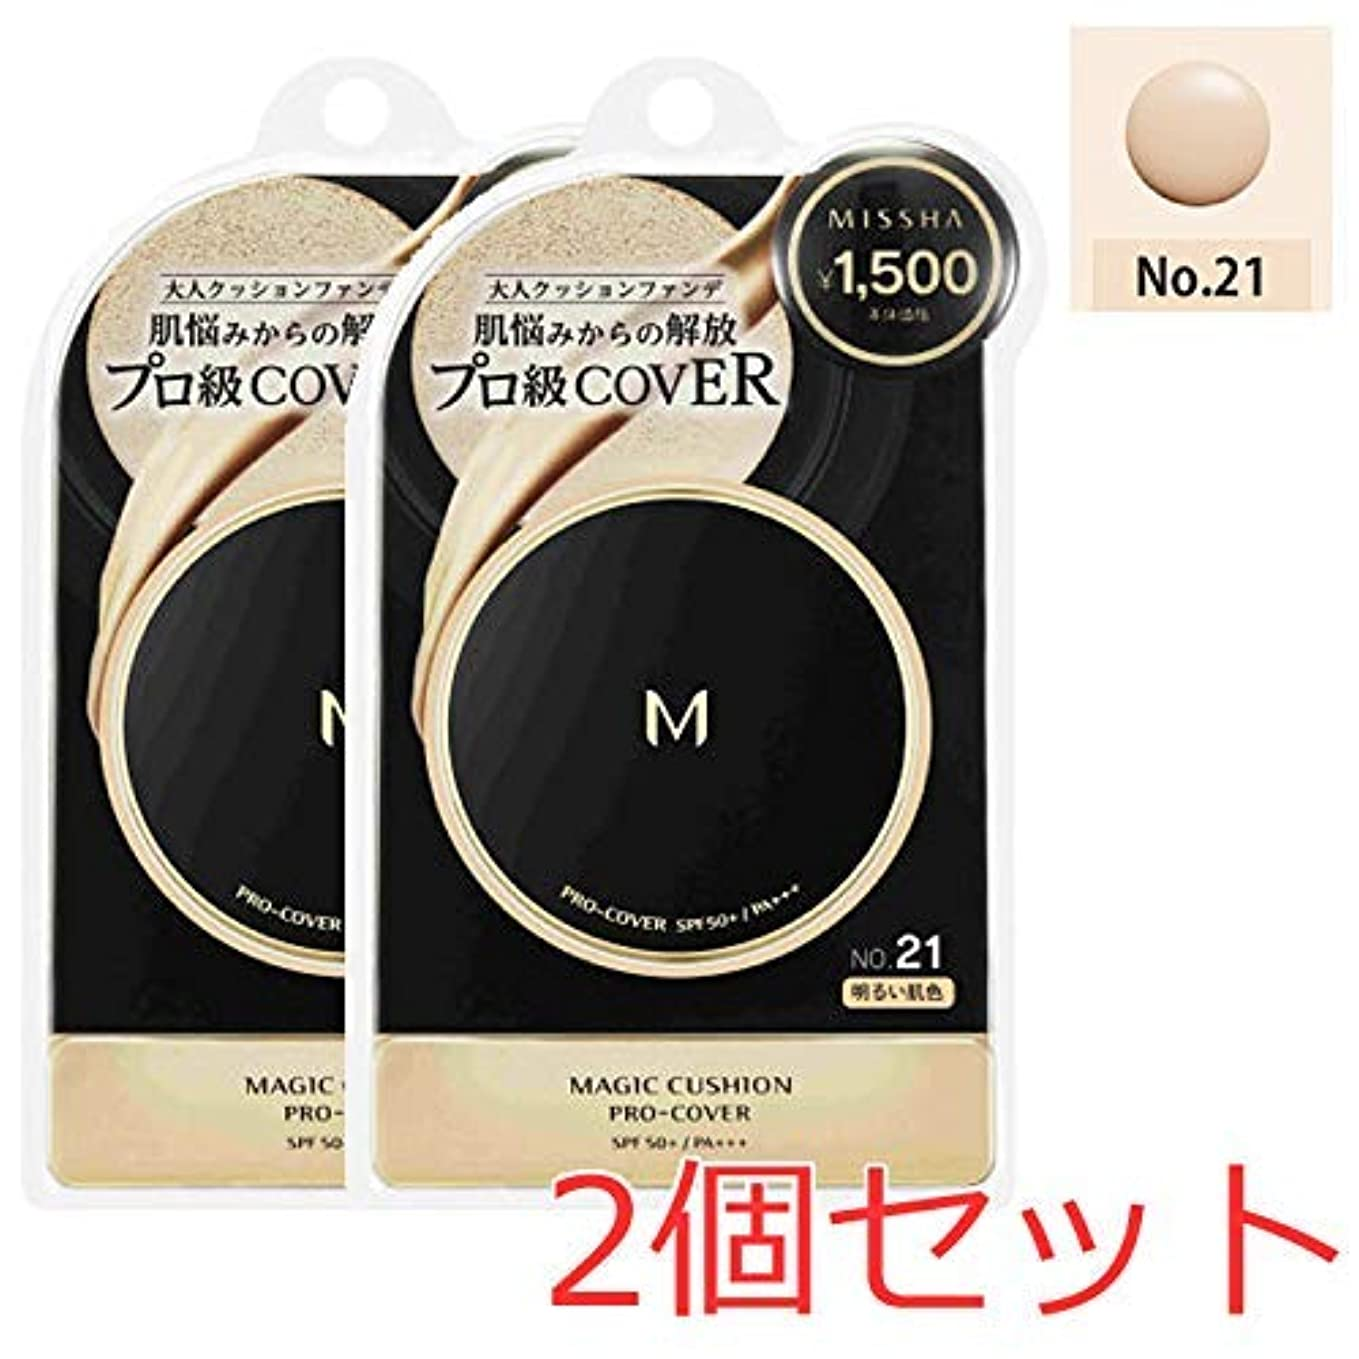 増加するすき意図的ミシャ MISSHA M クッションファンデーション(プロカバー) No.21 15g 2個セット